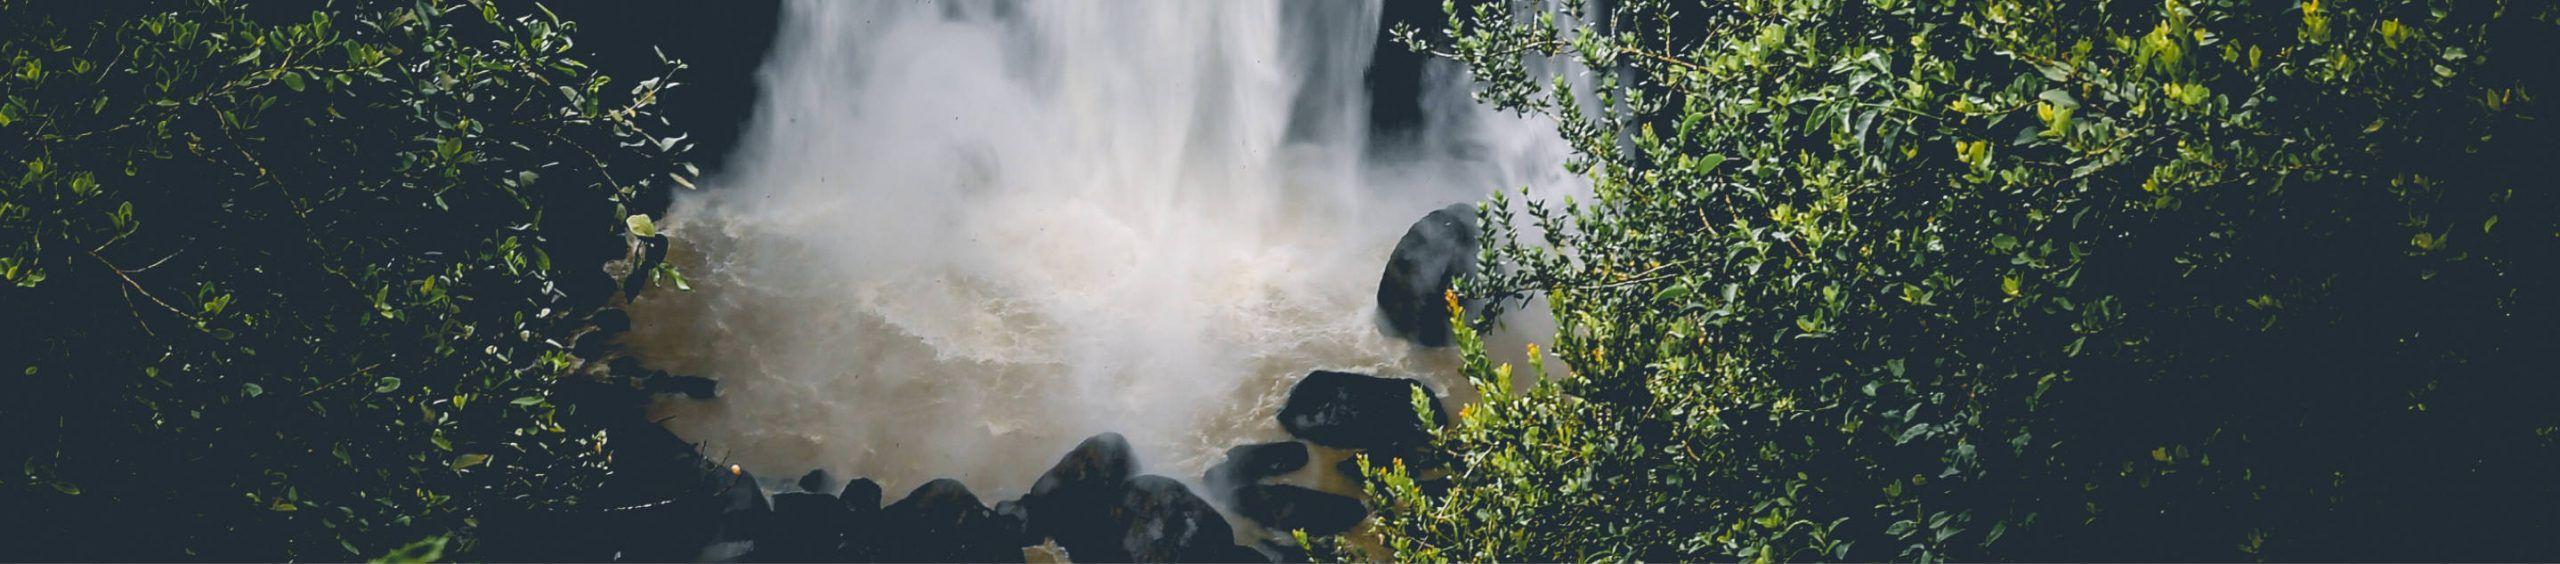 Wasserfallmündung